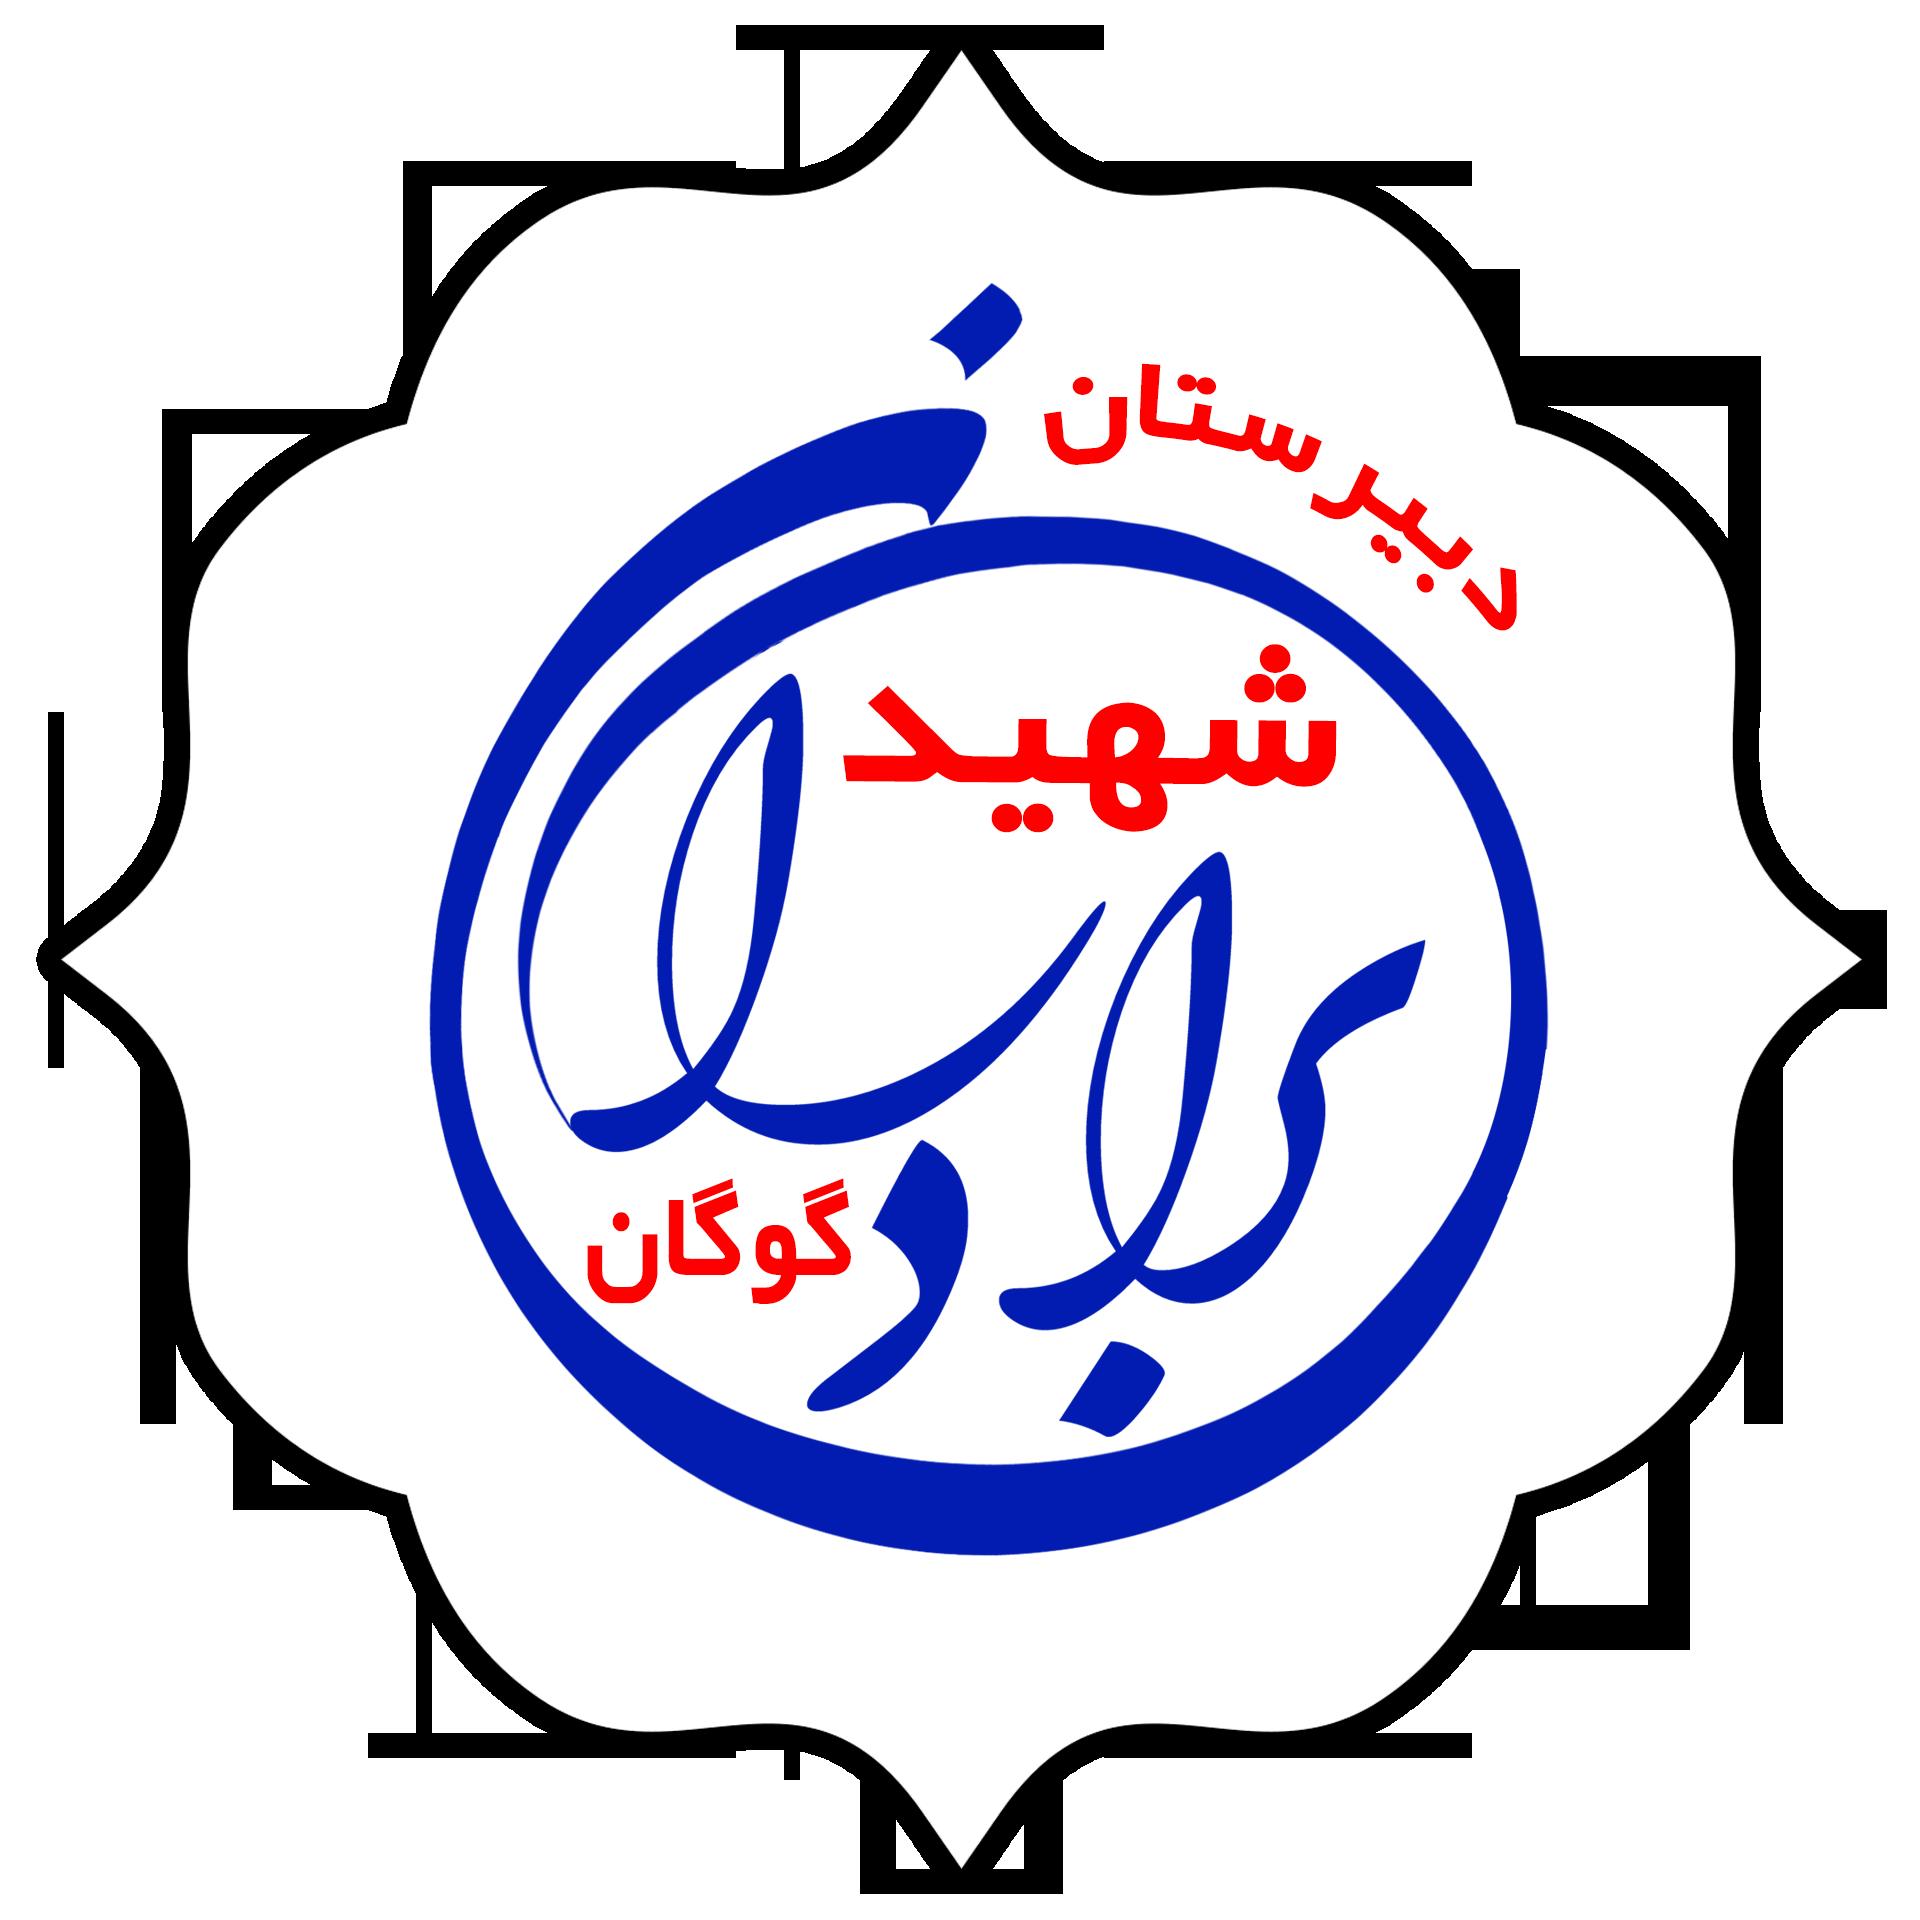 لوگوی دبیرستان شهید برادران گوگان